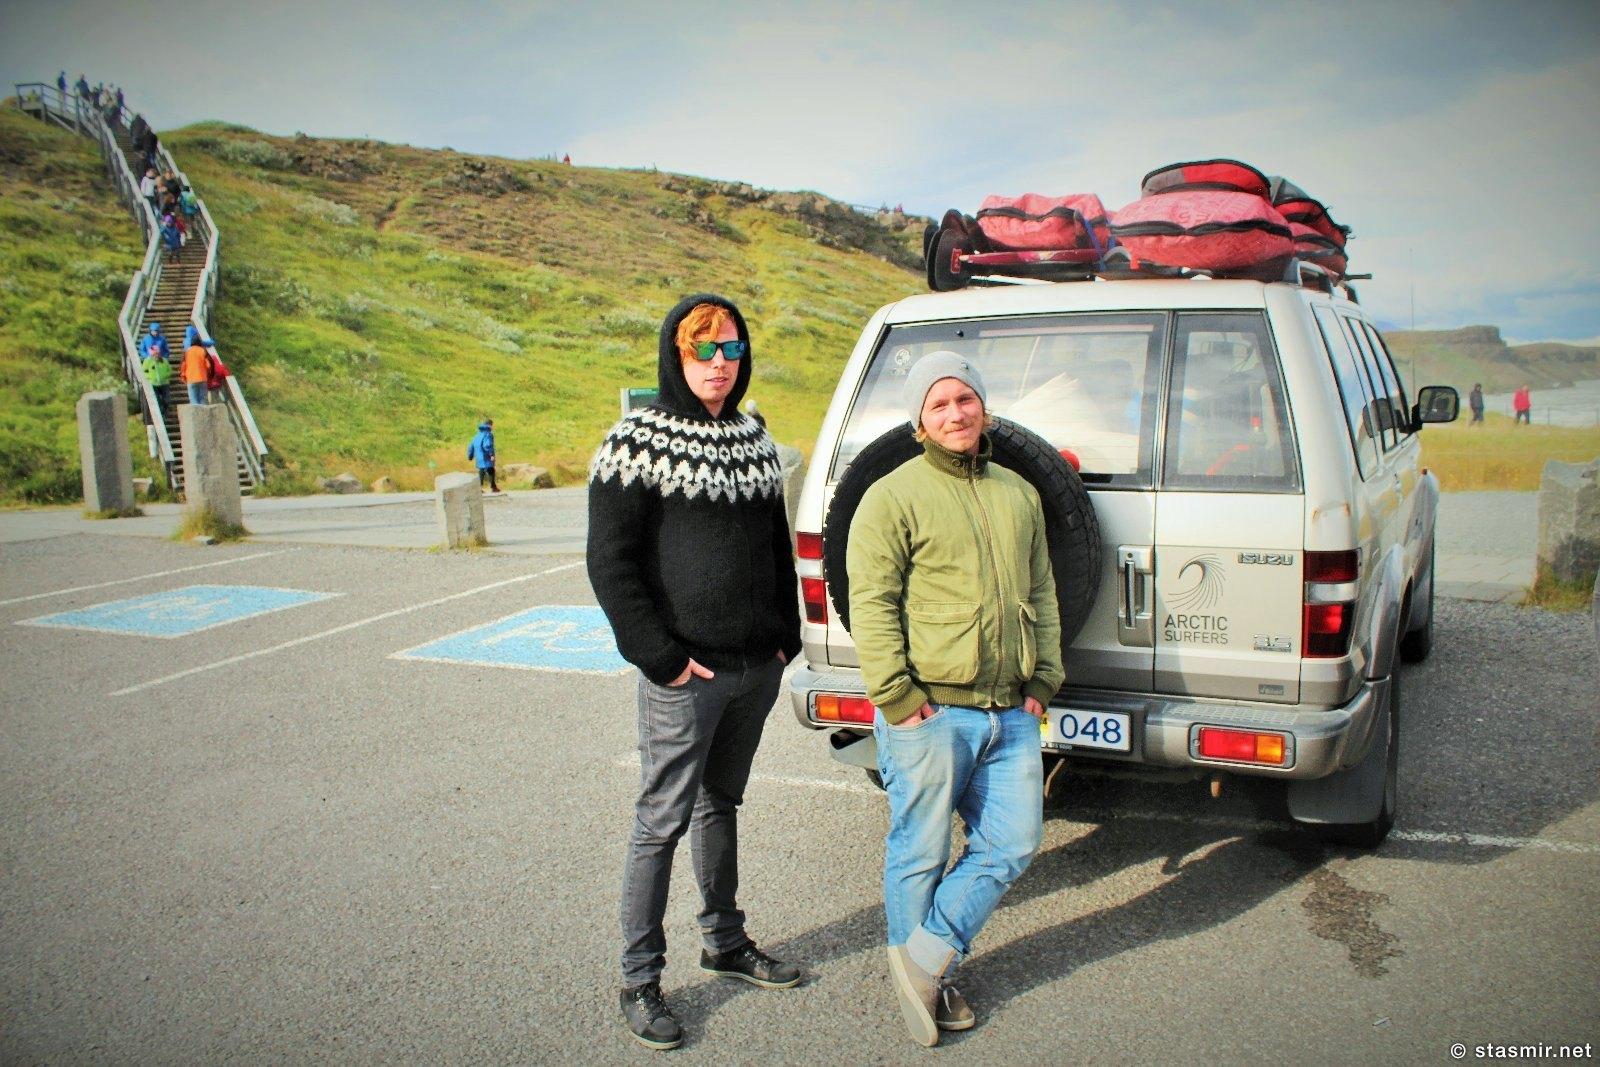 arctic-surfers, арктический серф, серфинг в Исландии, исландские серферы, Станислав Смирнов, Стасмир Трэвэл